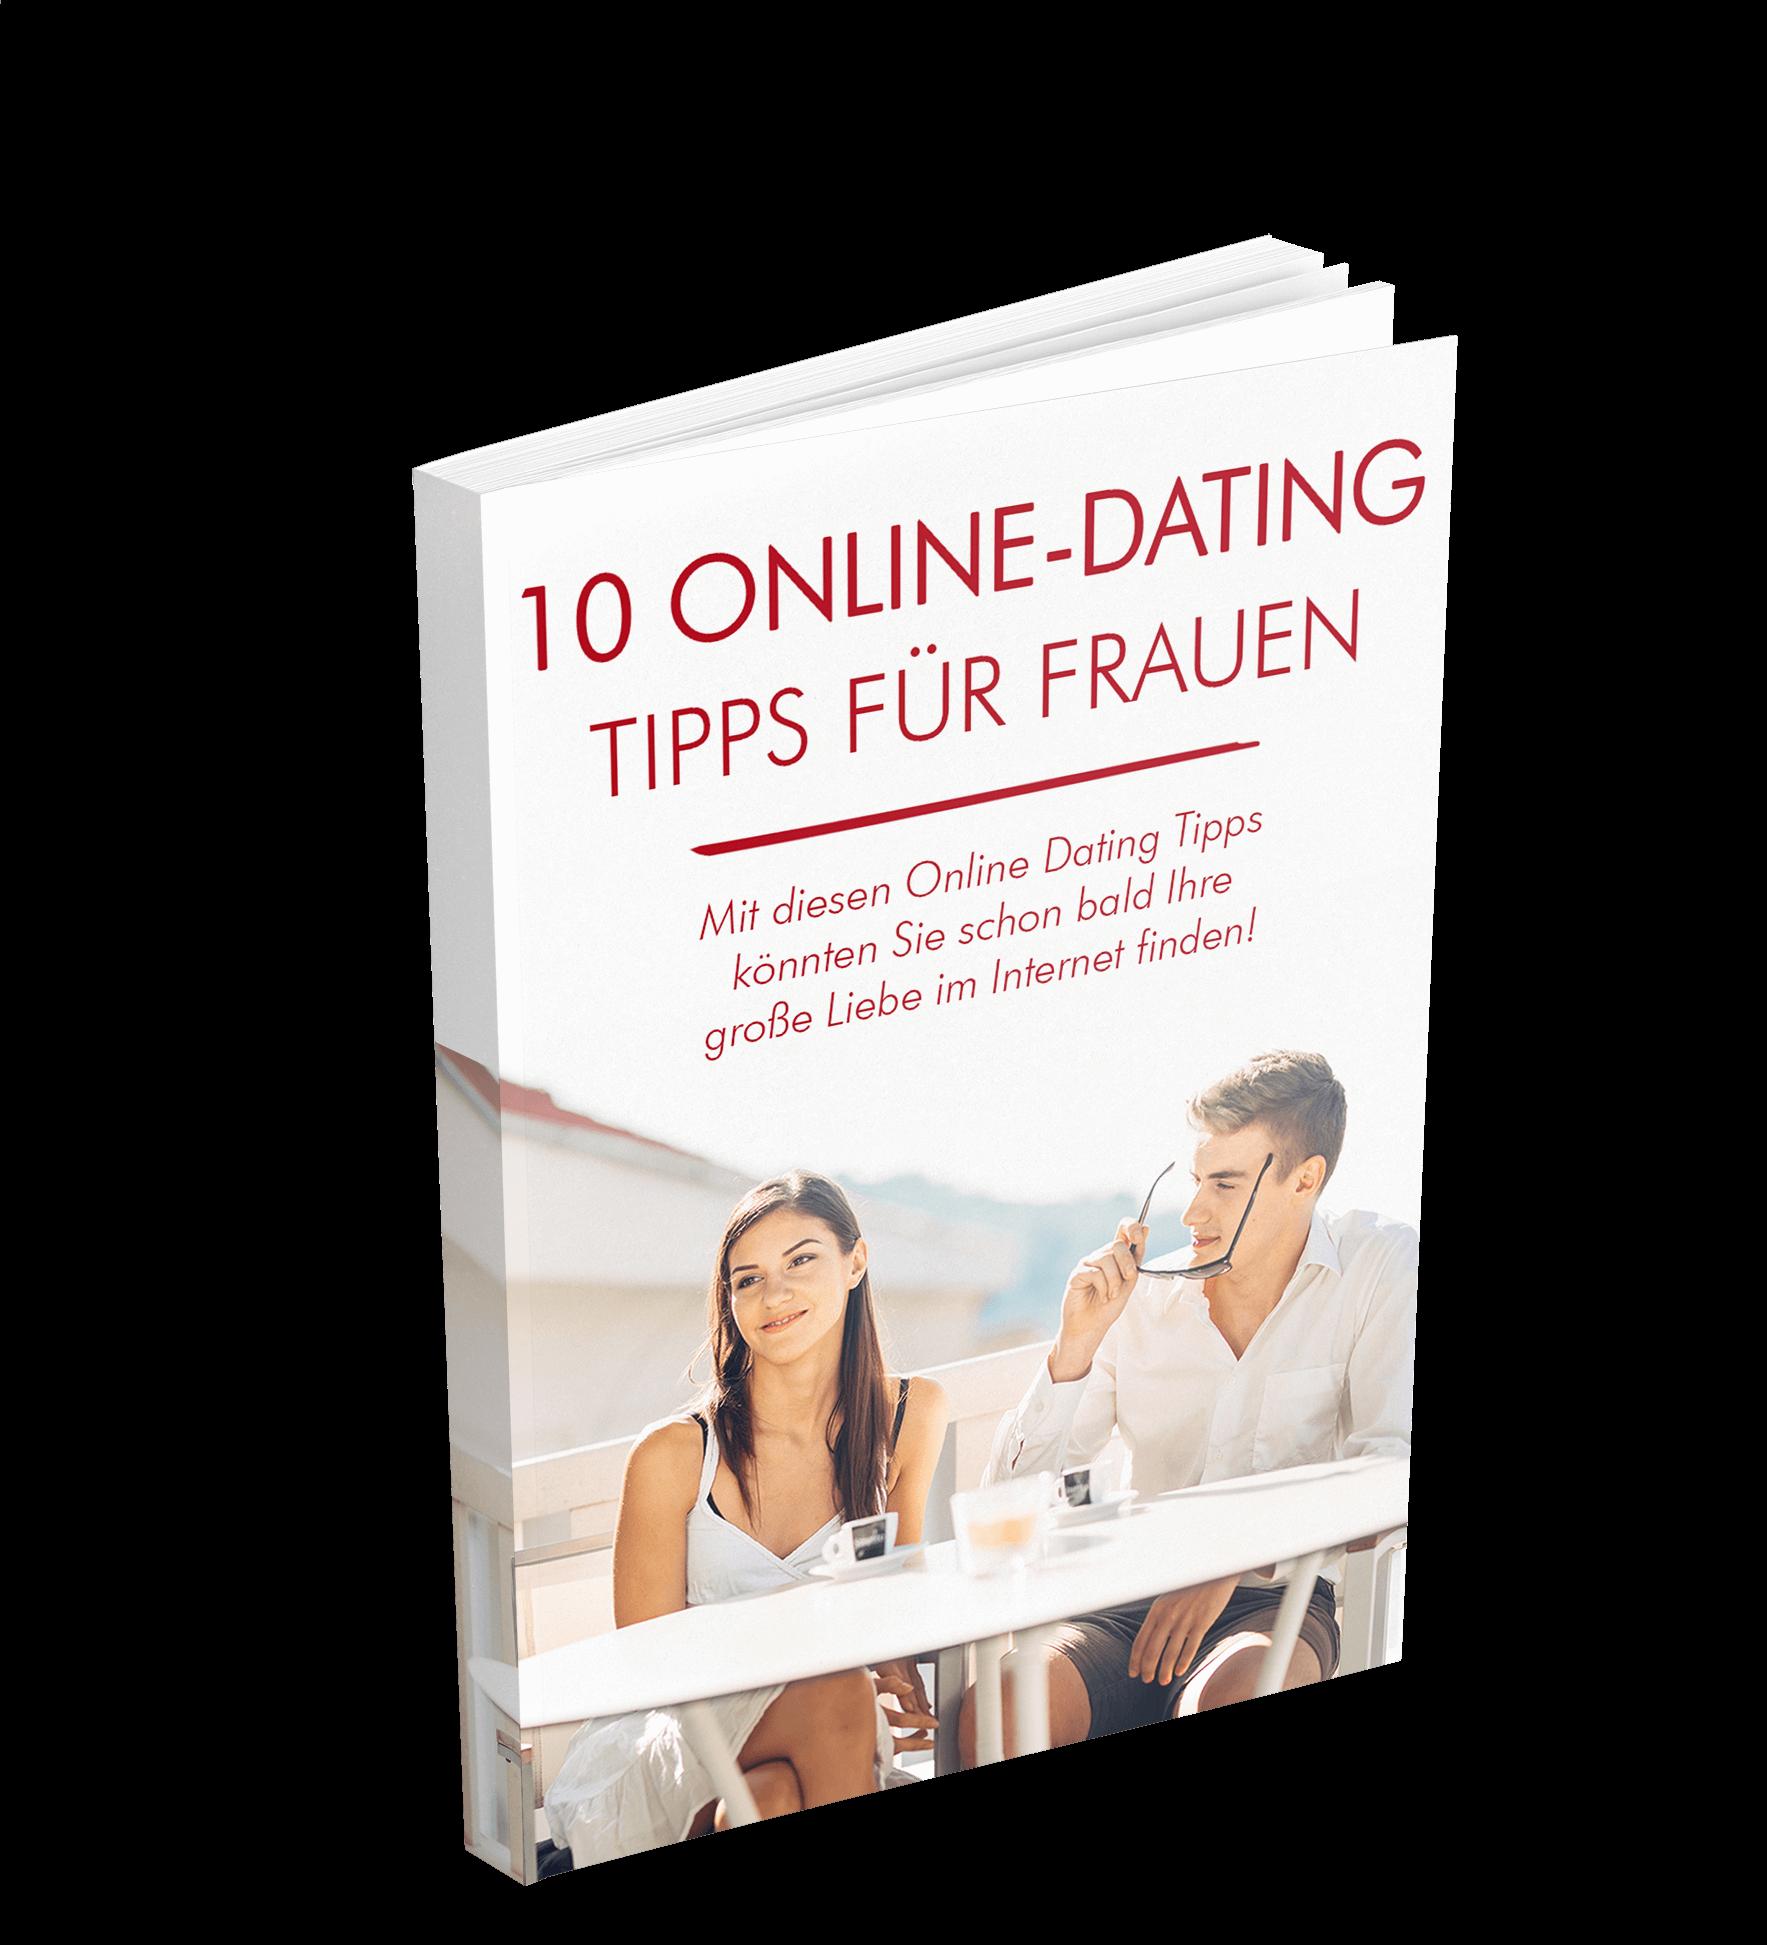 Online-Dating-Tipps, was zu schreiben ist